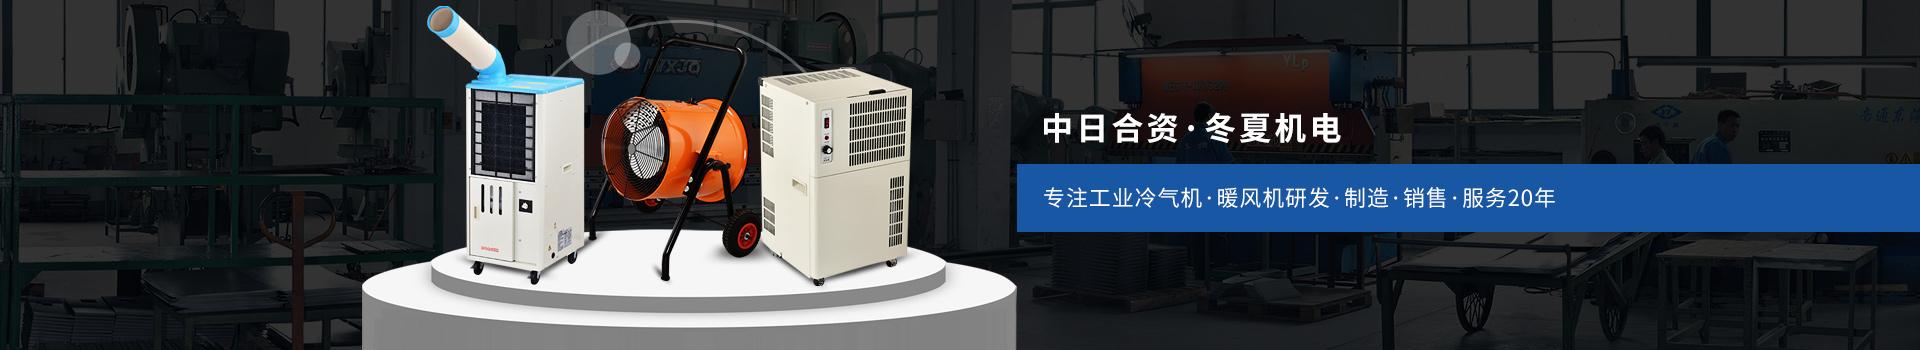 冬夏专注工业冷气机、暖风机研发、制造、销售、服务20年